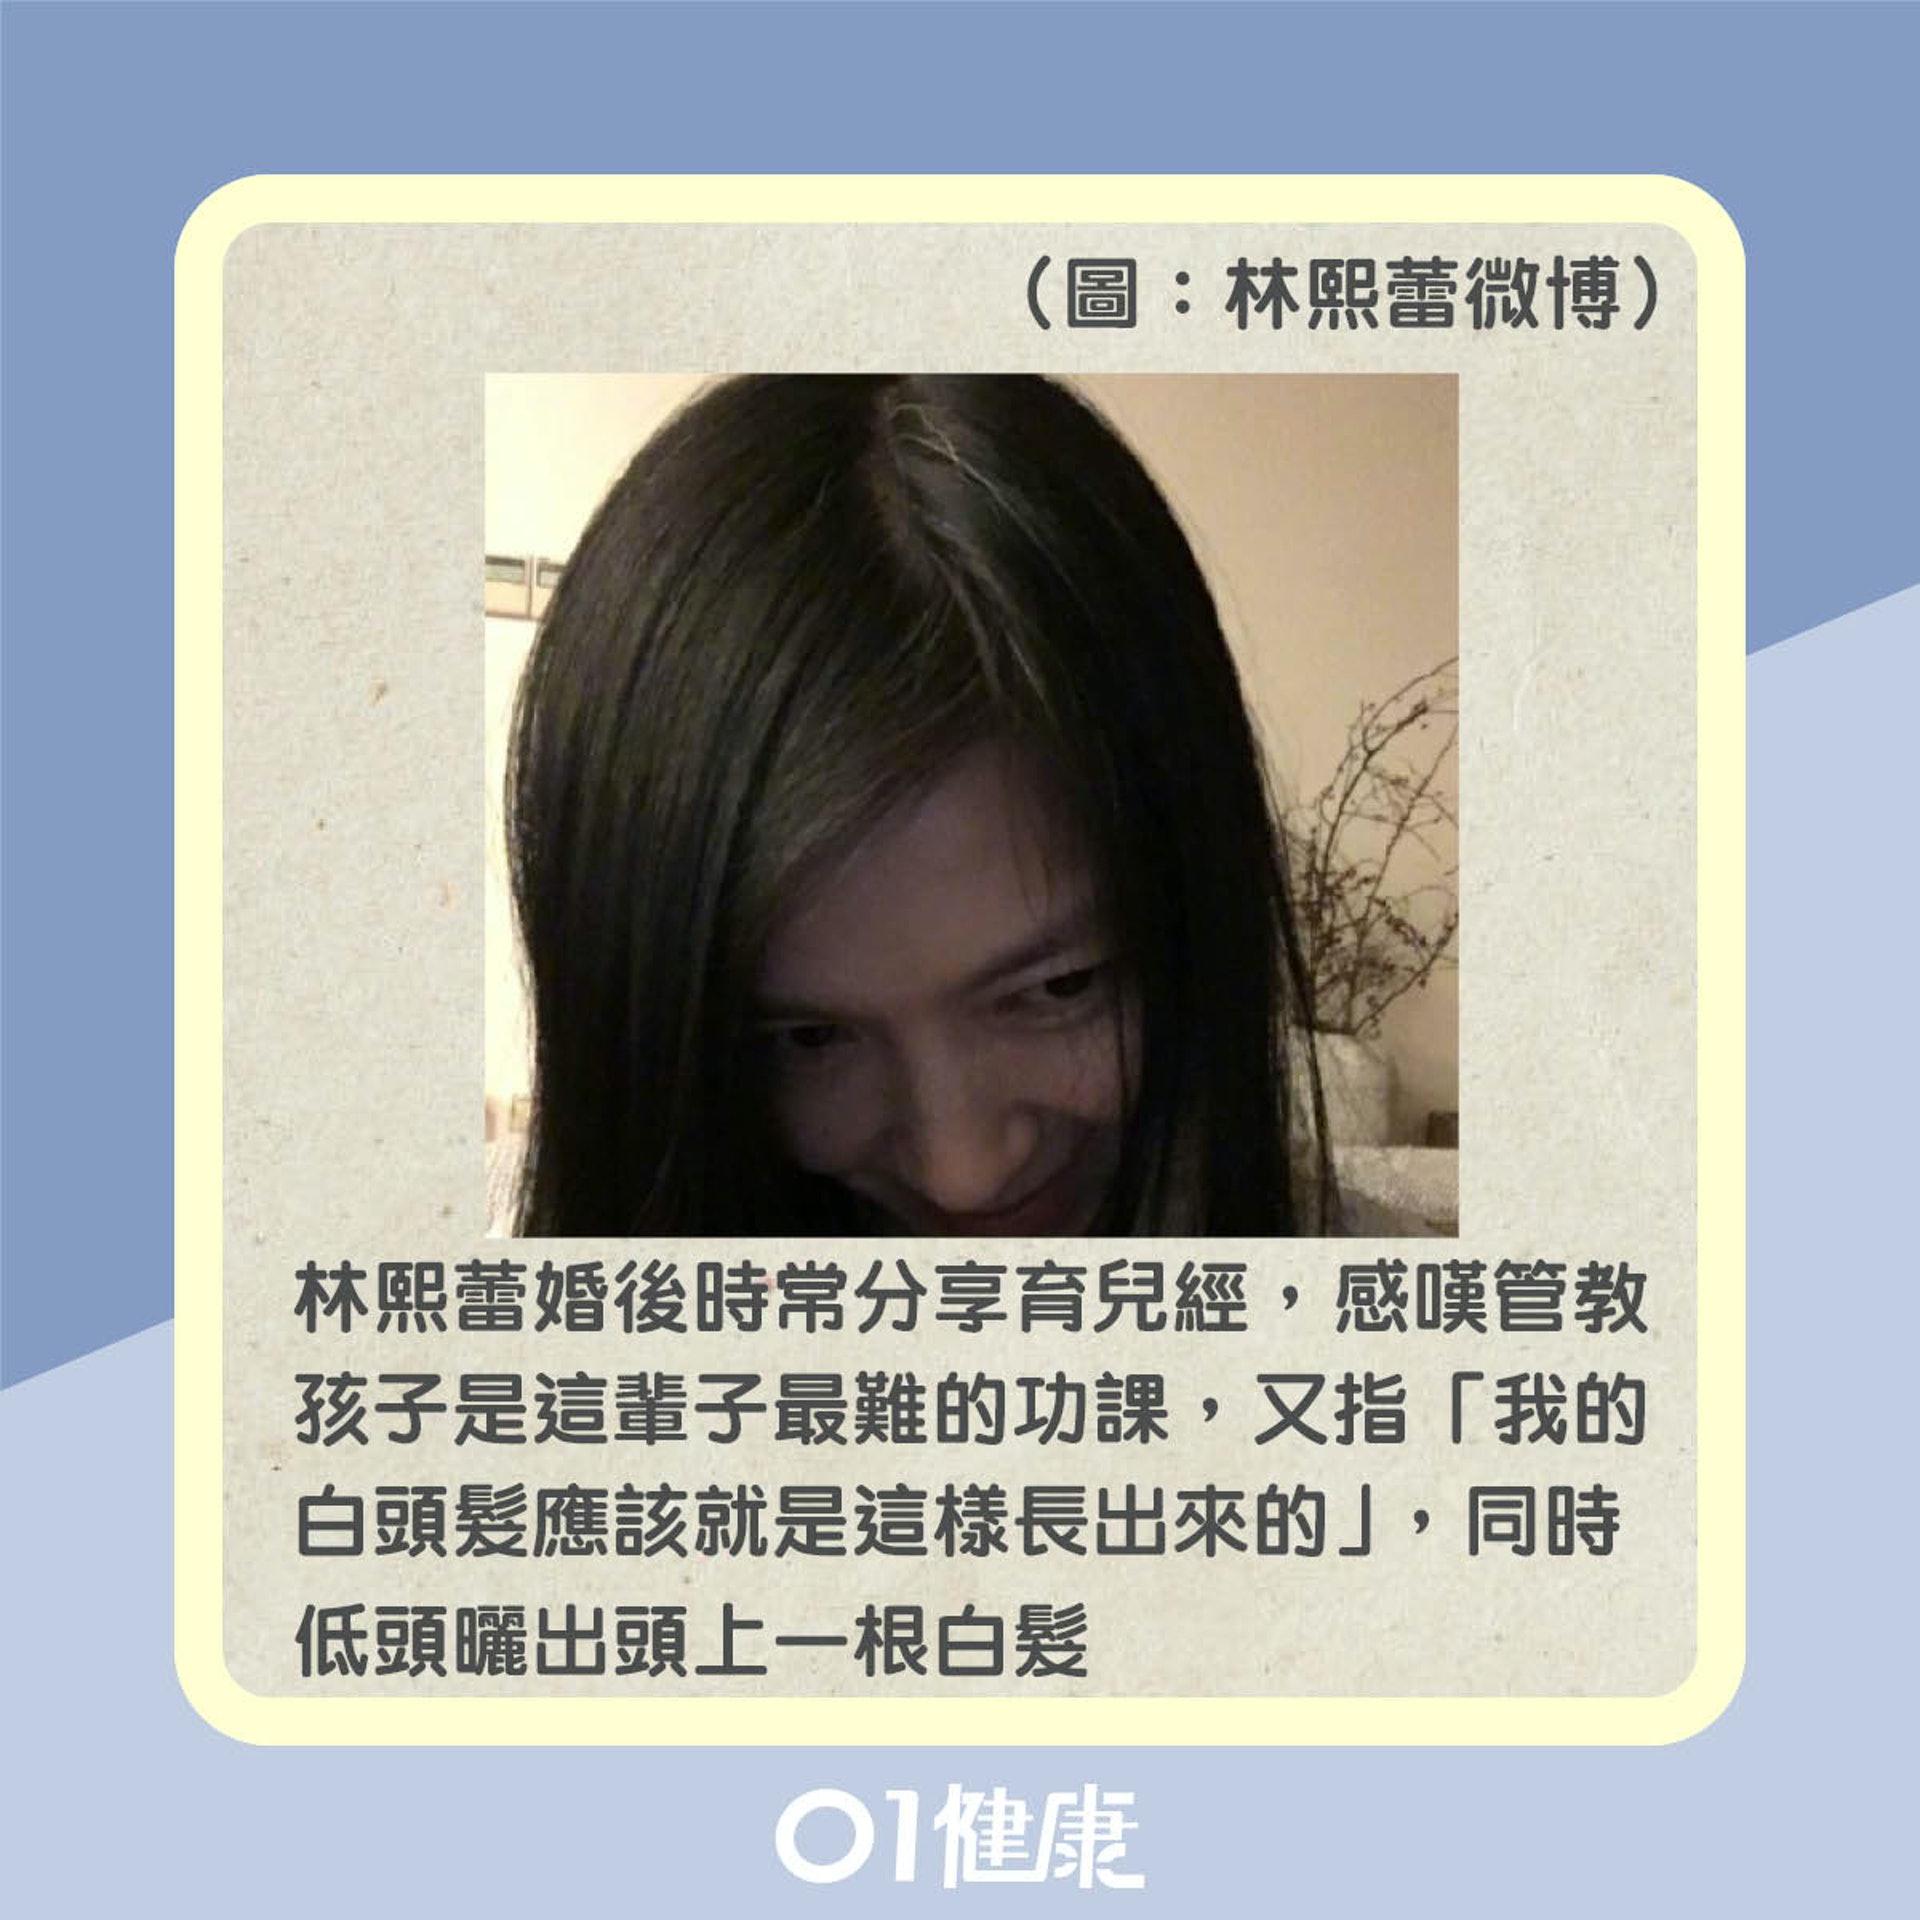 其他女星生白頭髮(01製圖)